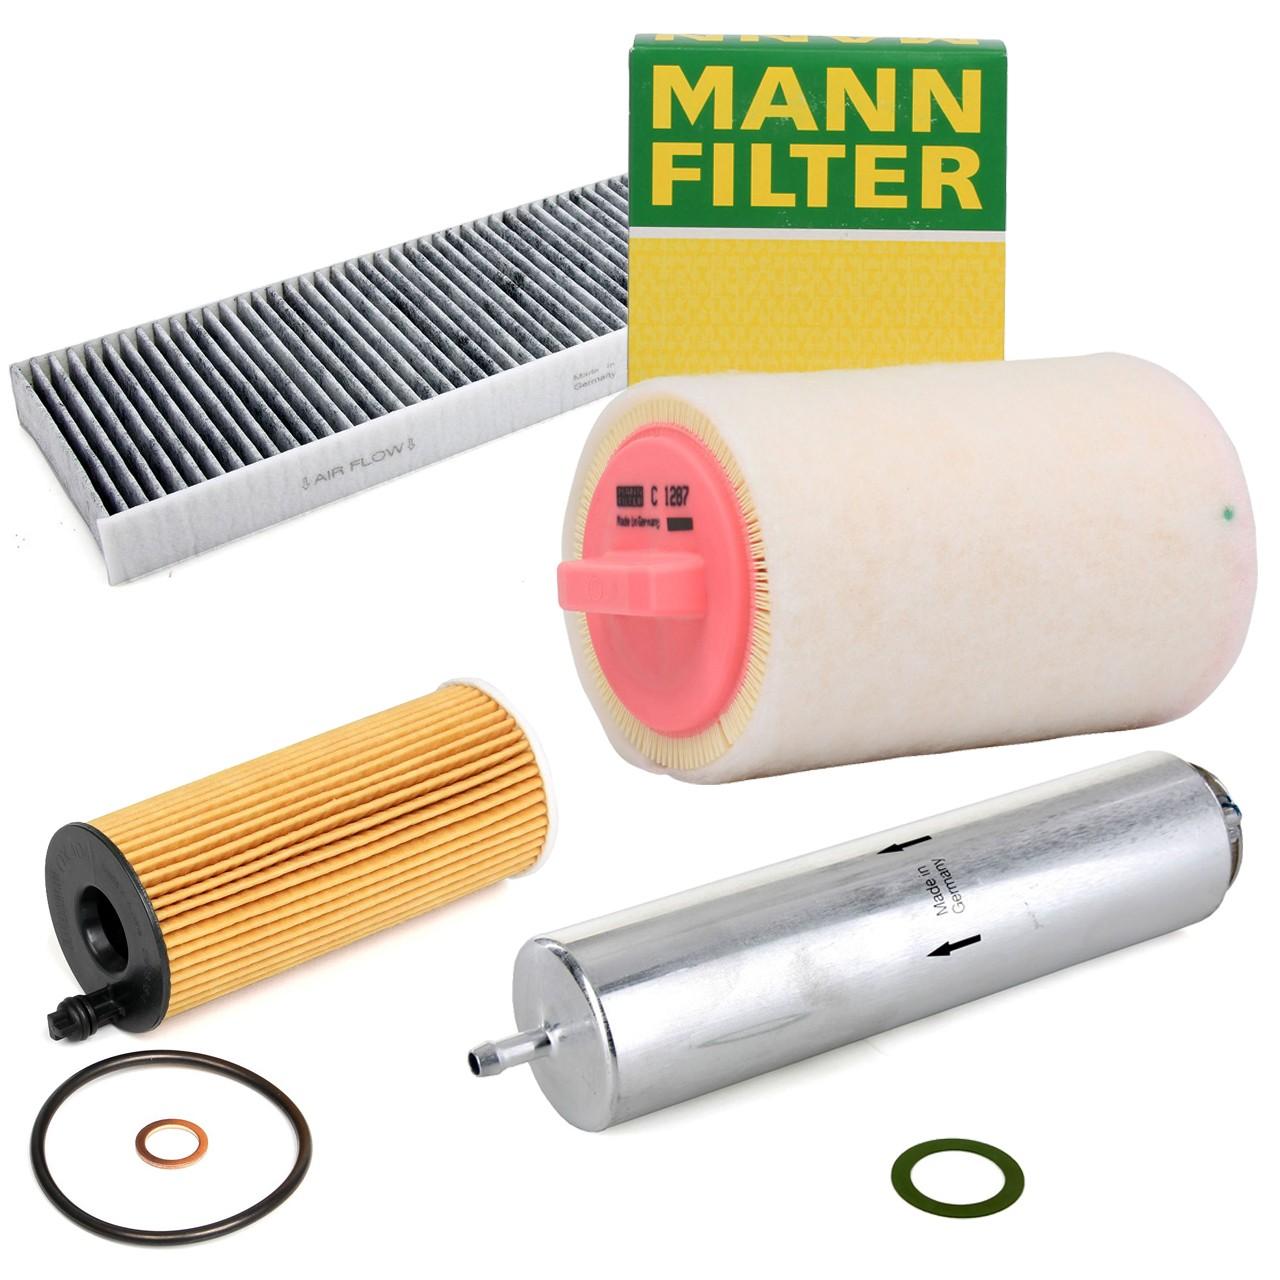 Filterset für MINI R56 R57 R55 R60 R58 R61 R59 ONE D / COOPER D / SD 90-143 PS